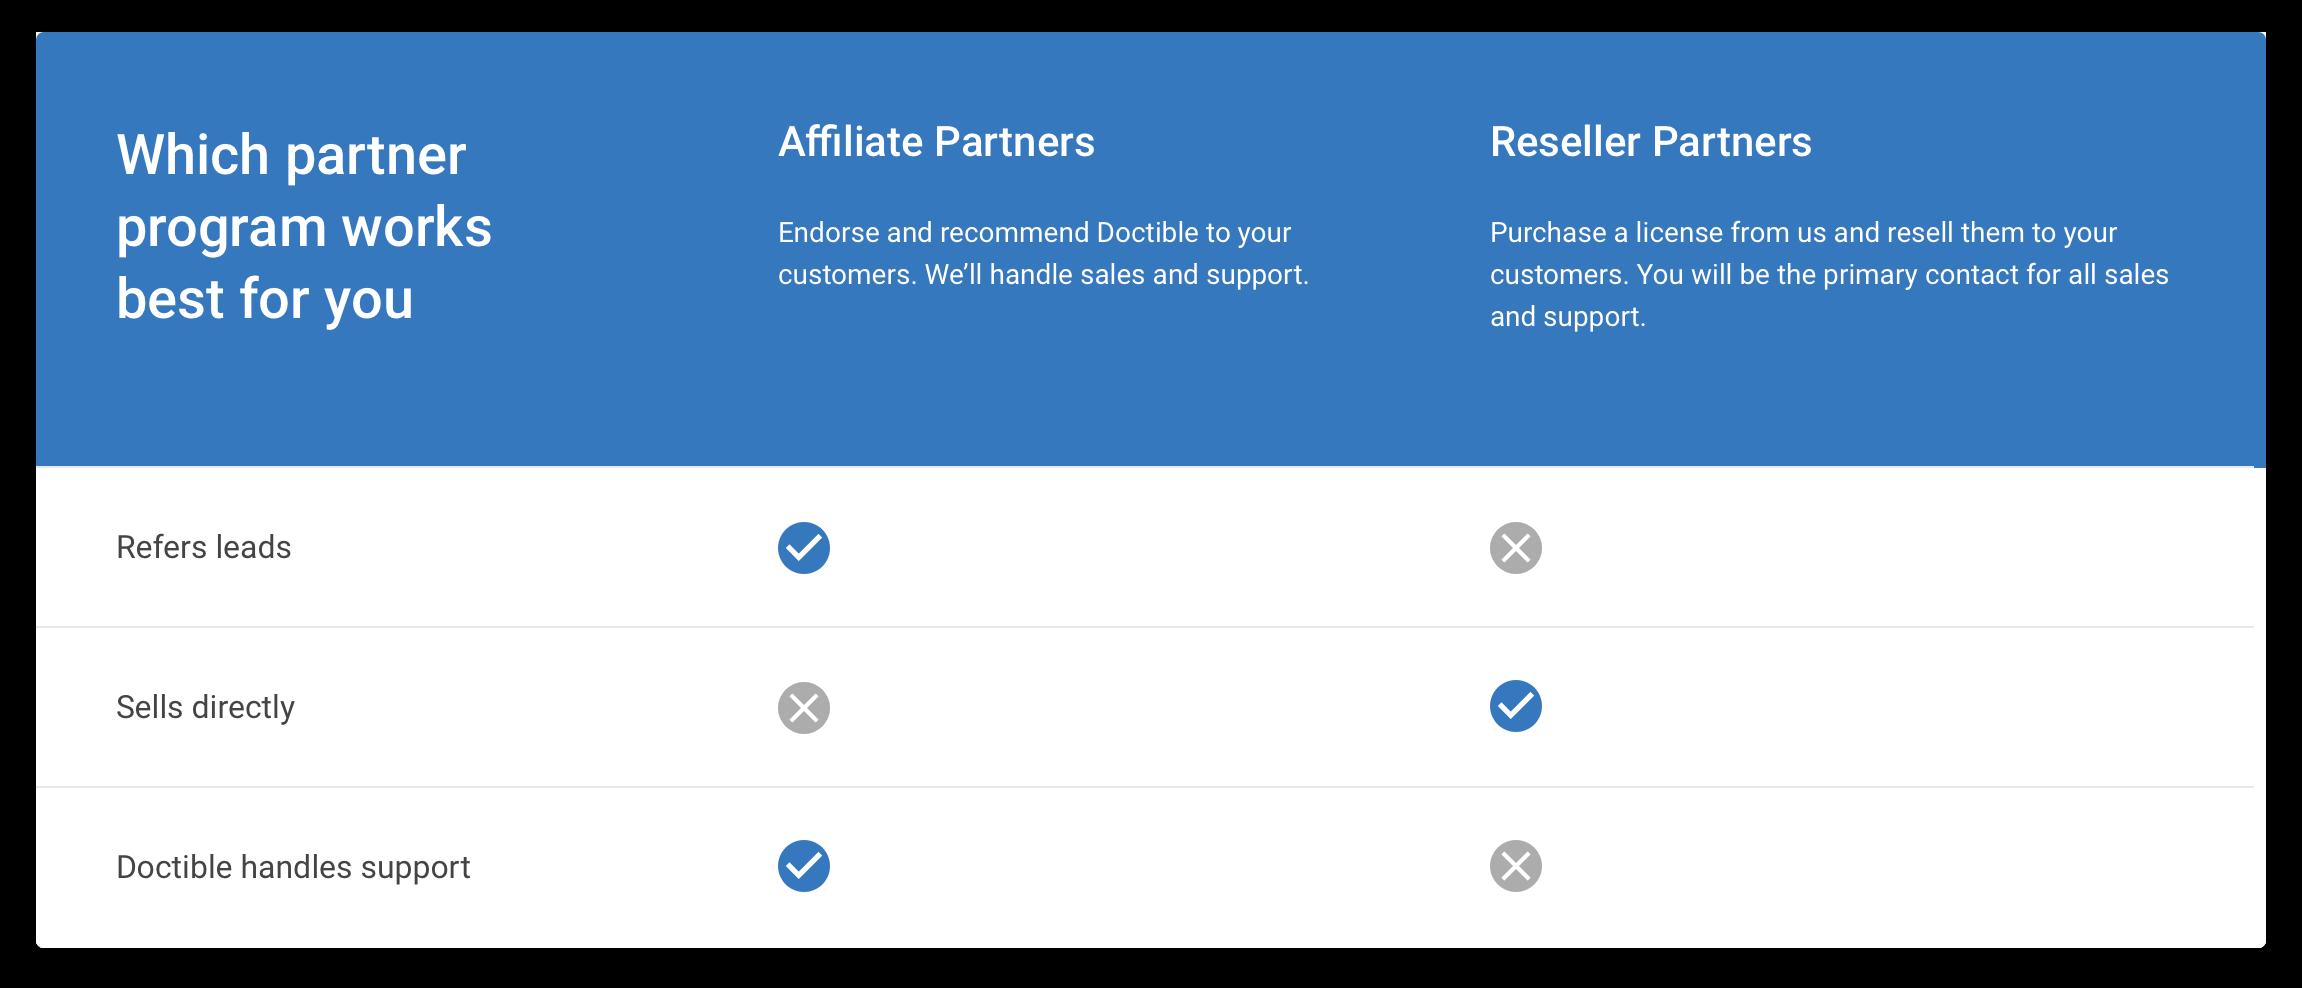 partner-chart